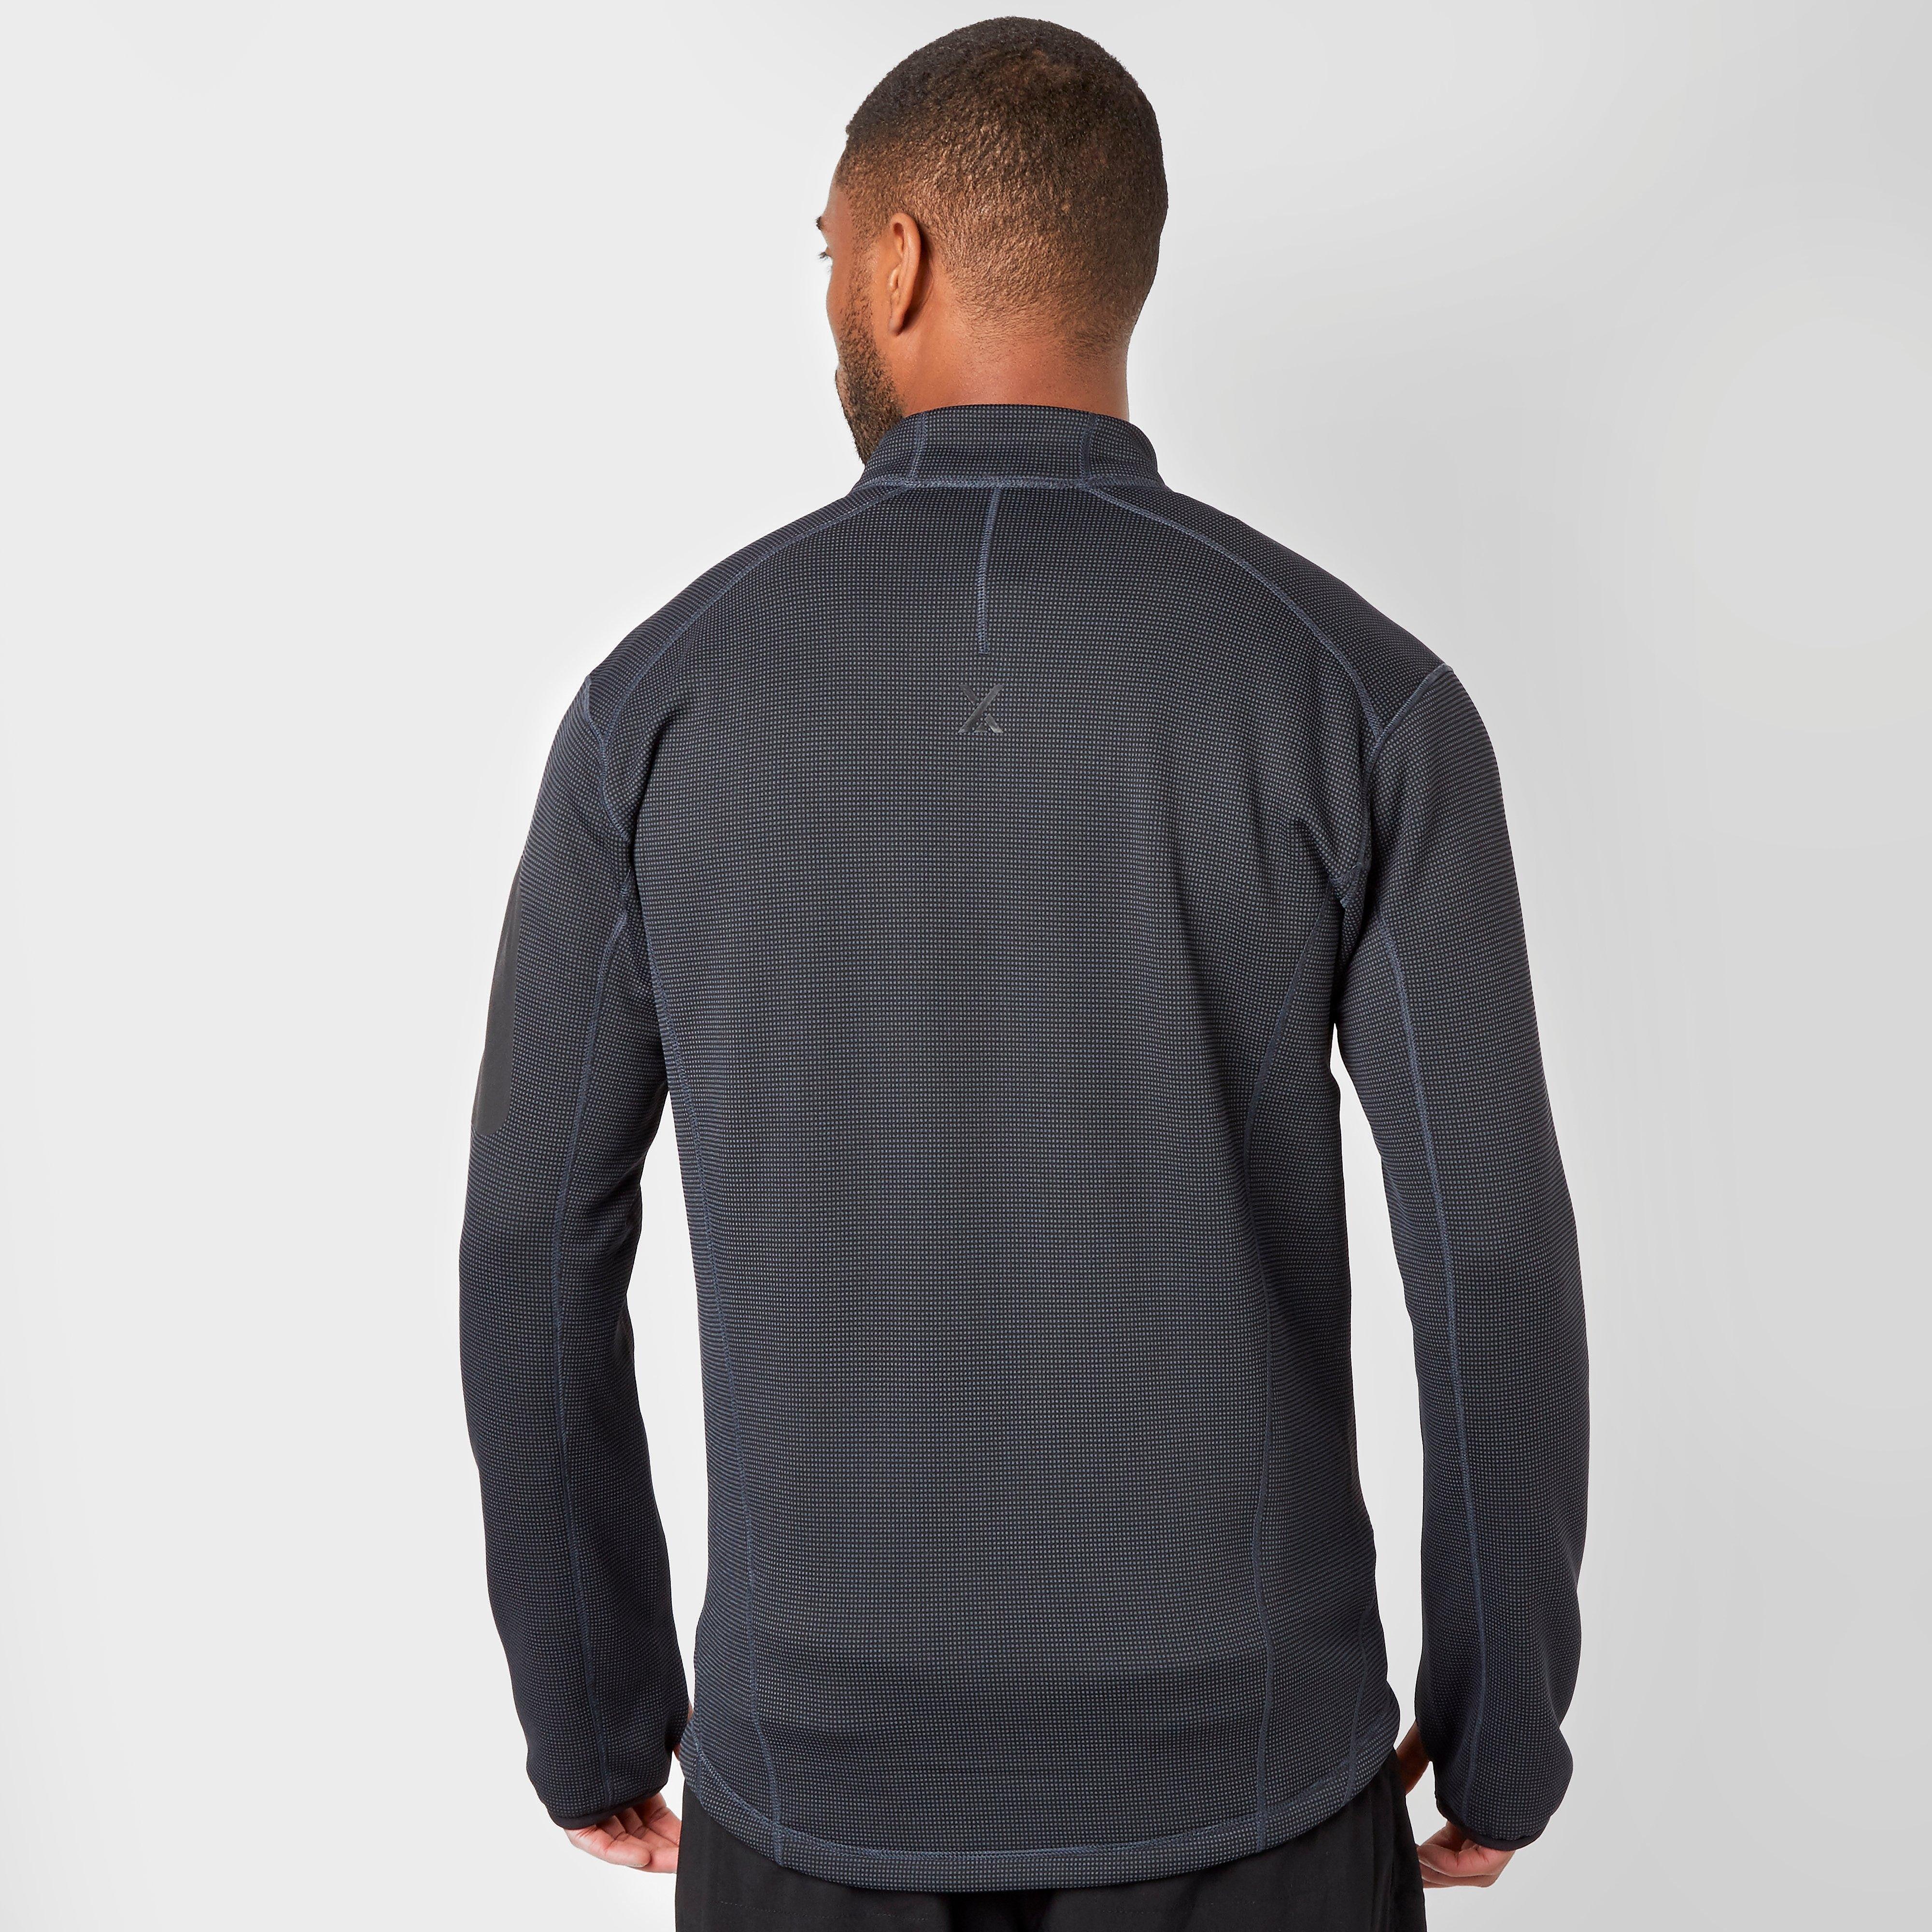 Berghaus Pravitale 2.0 Men's Fleece Jacket